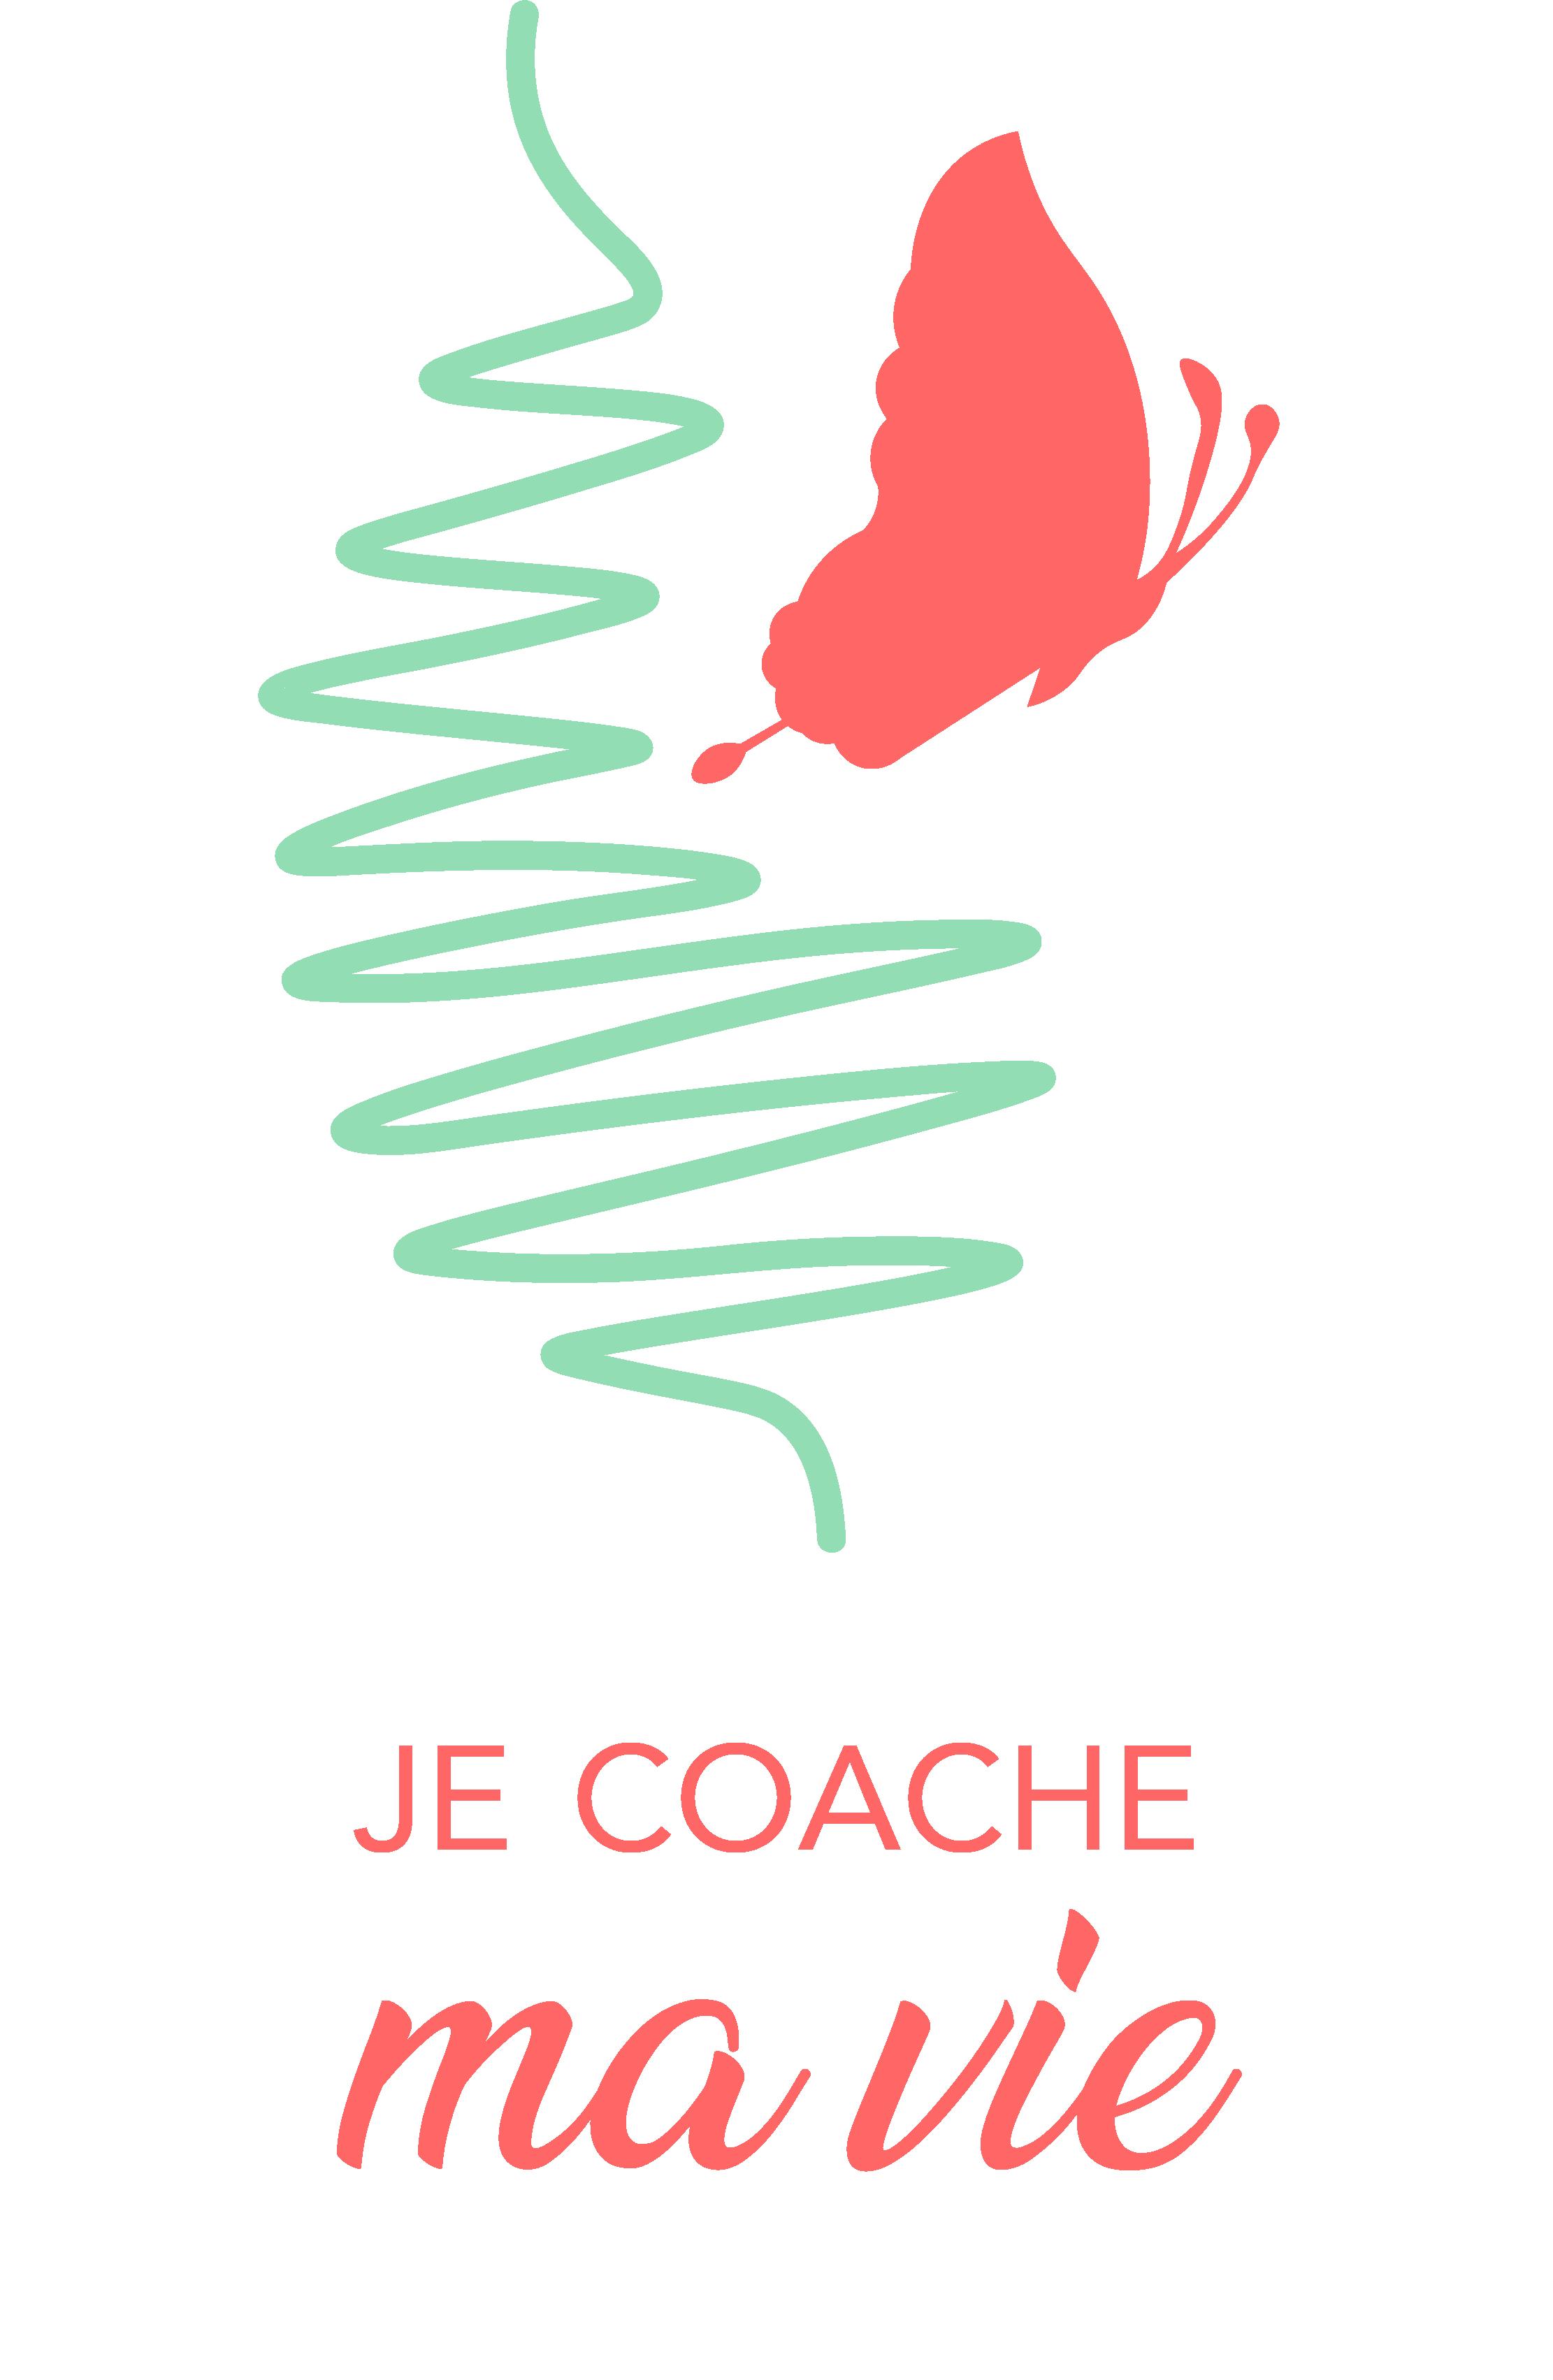 JE COACHE MA VIE